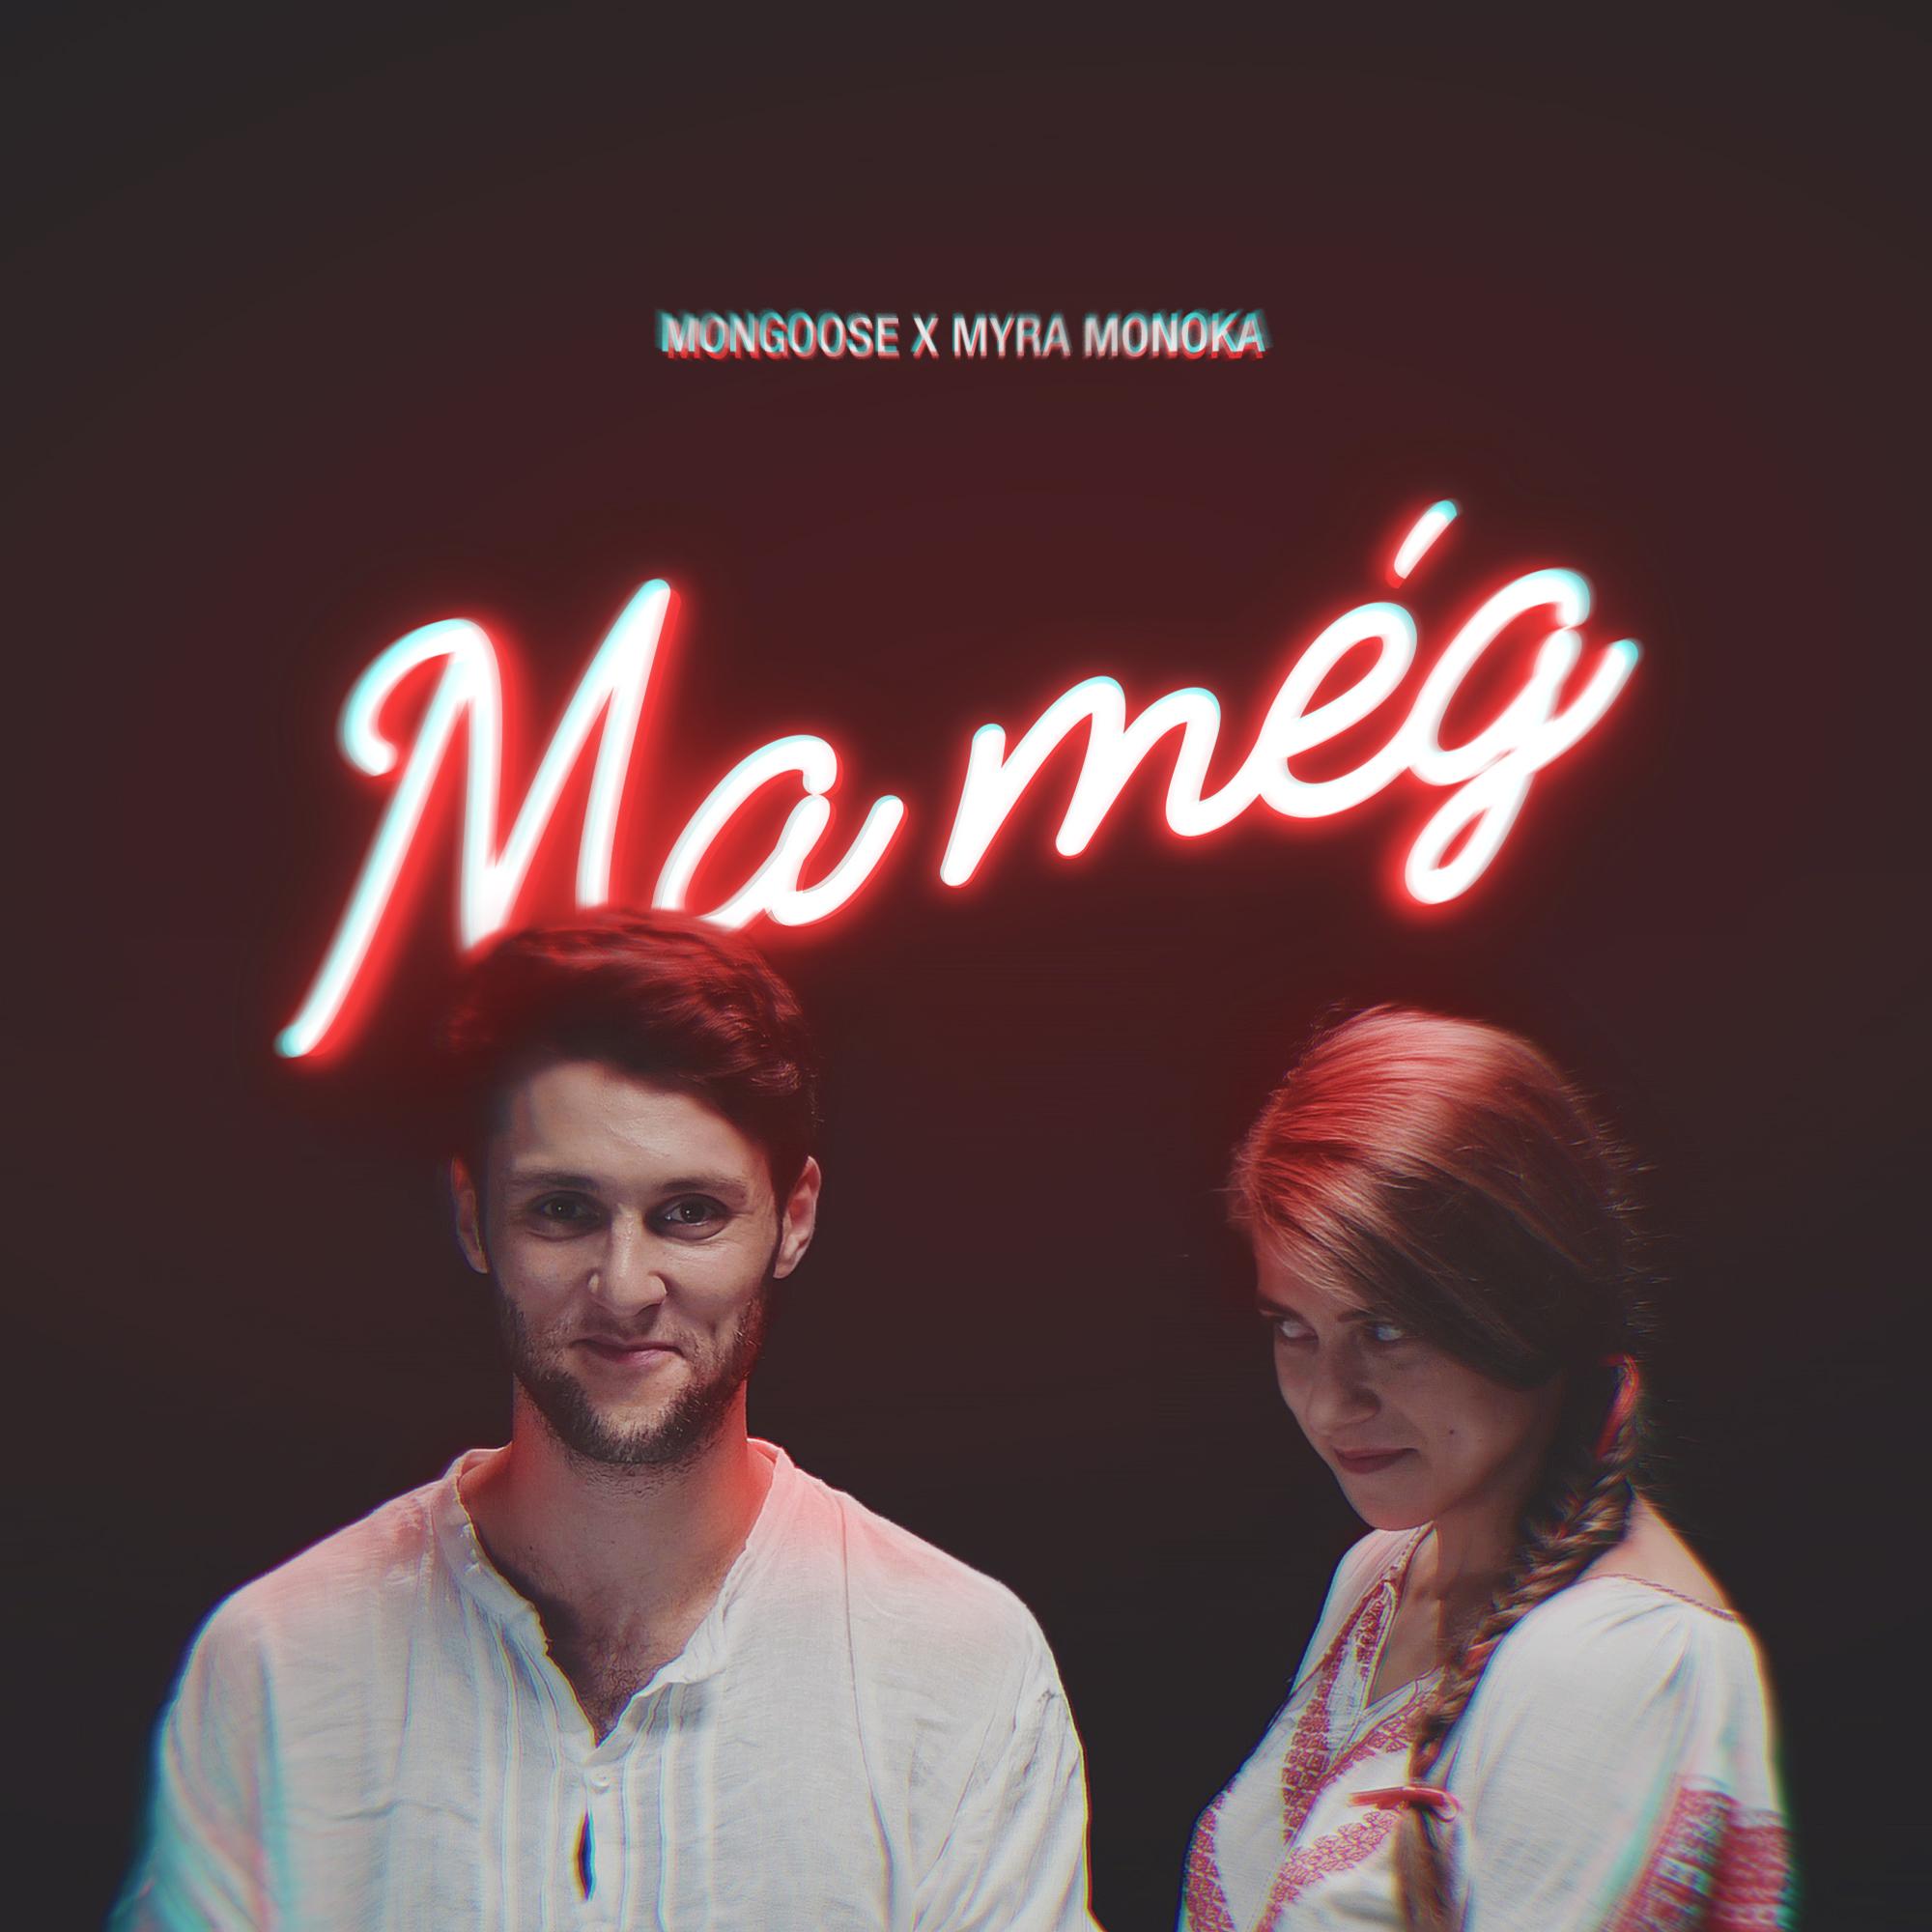 mongi_myra_mameg_cover_2000_final.jpg